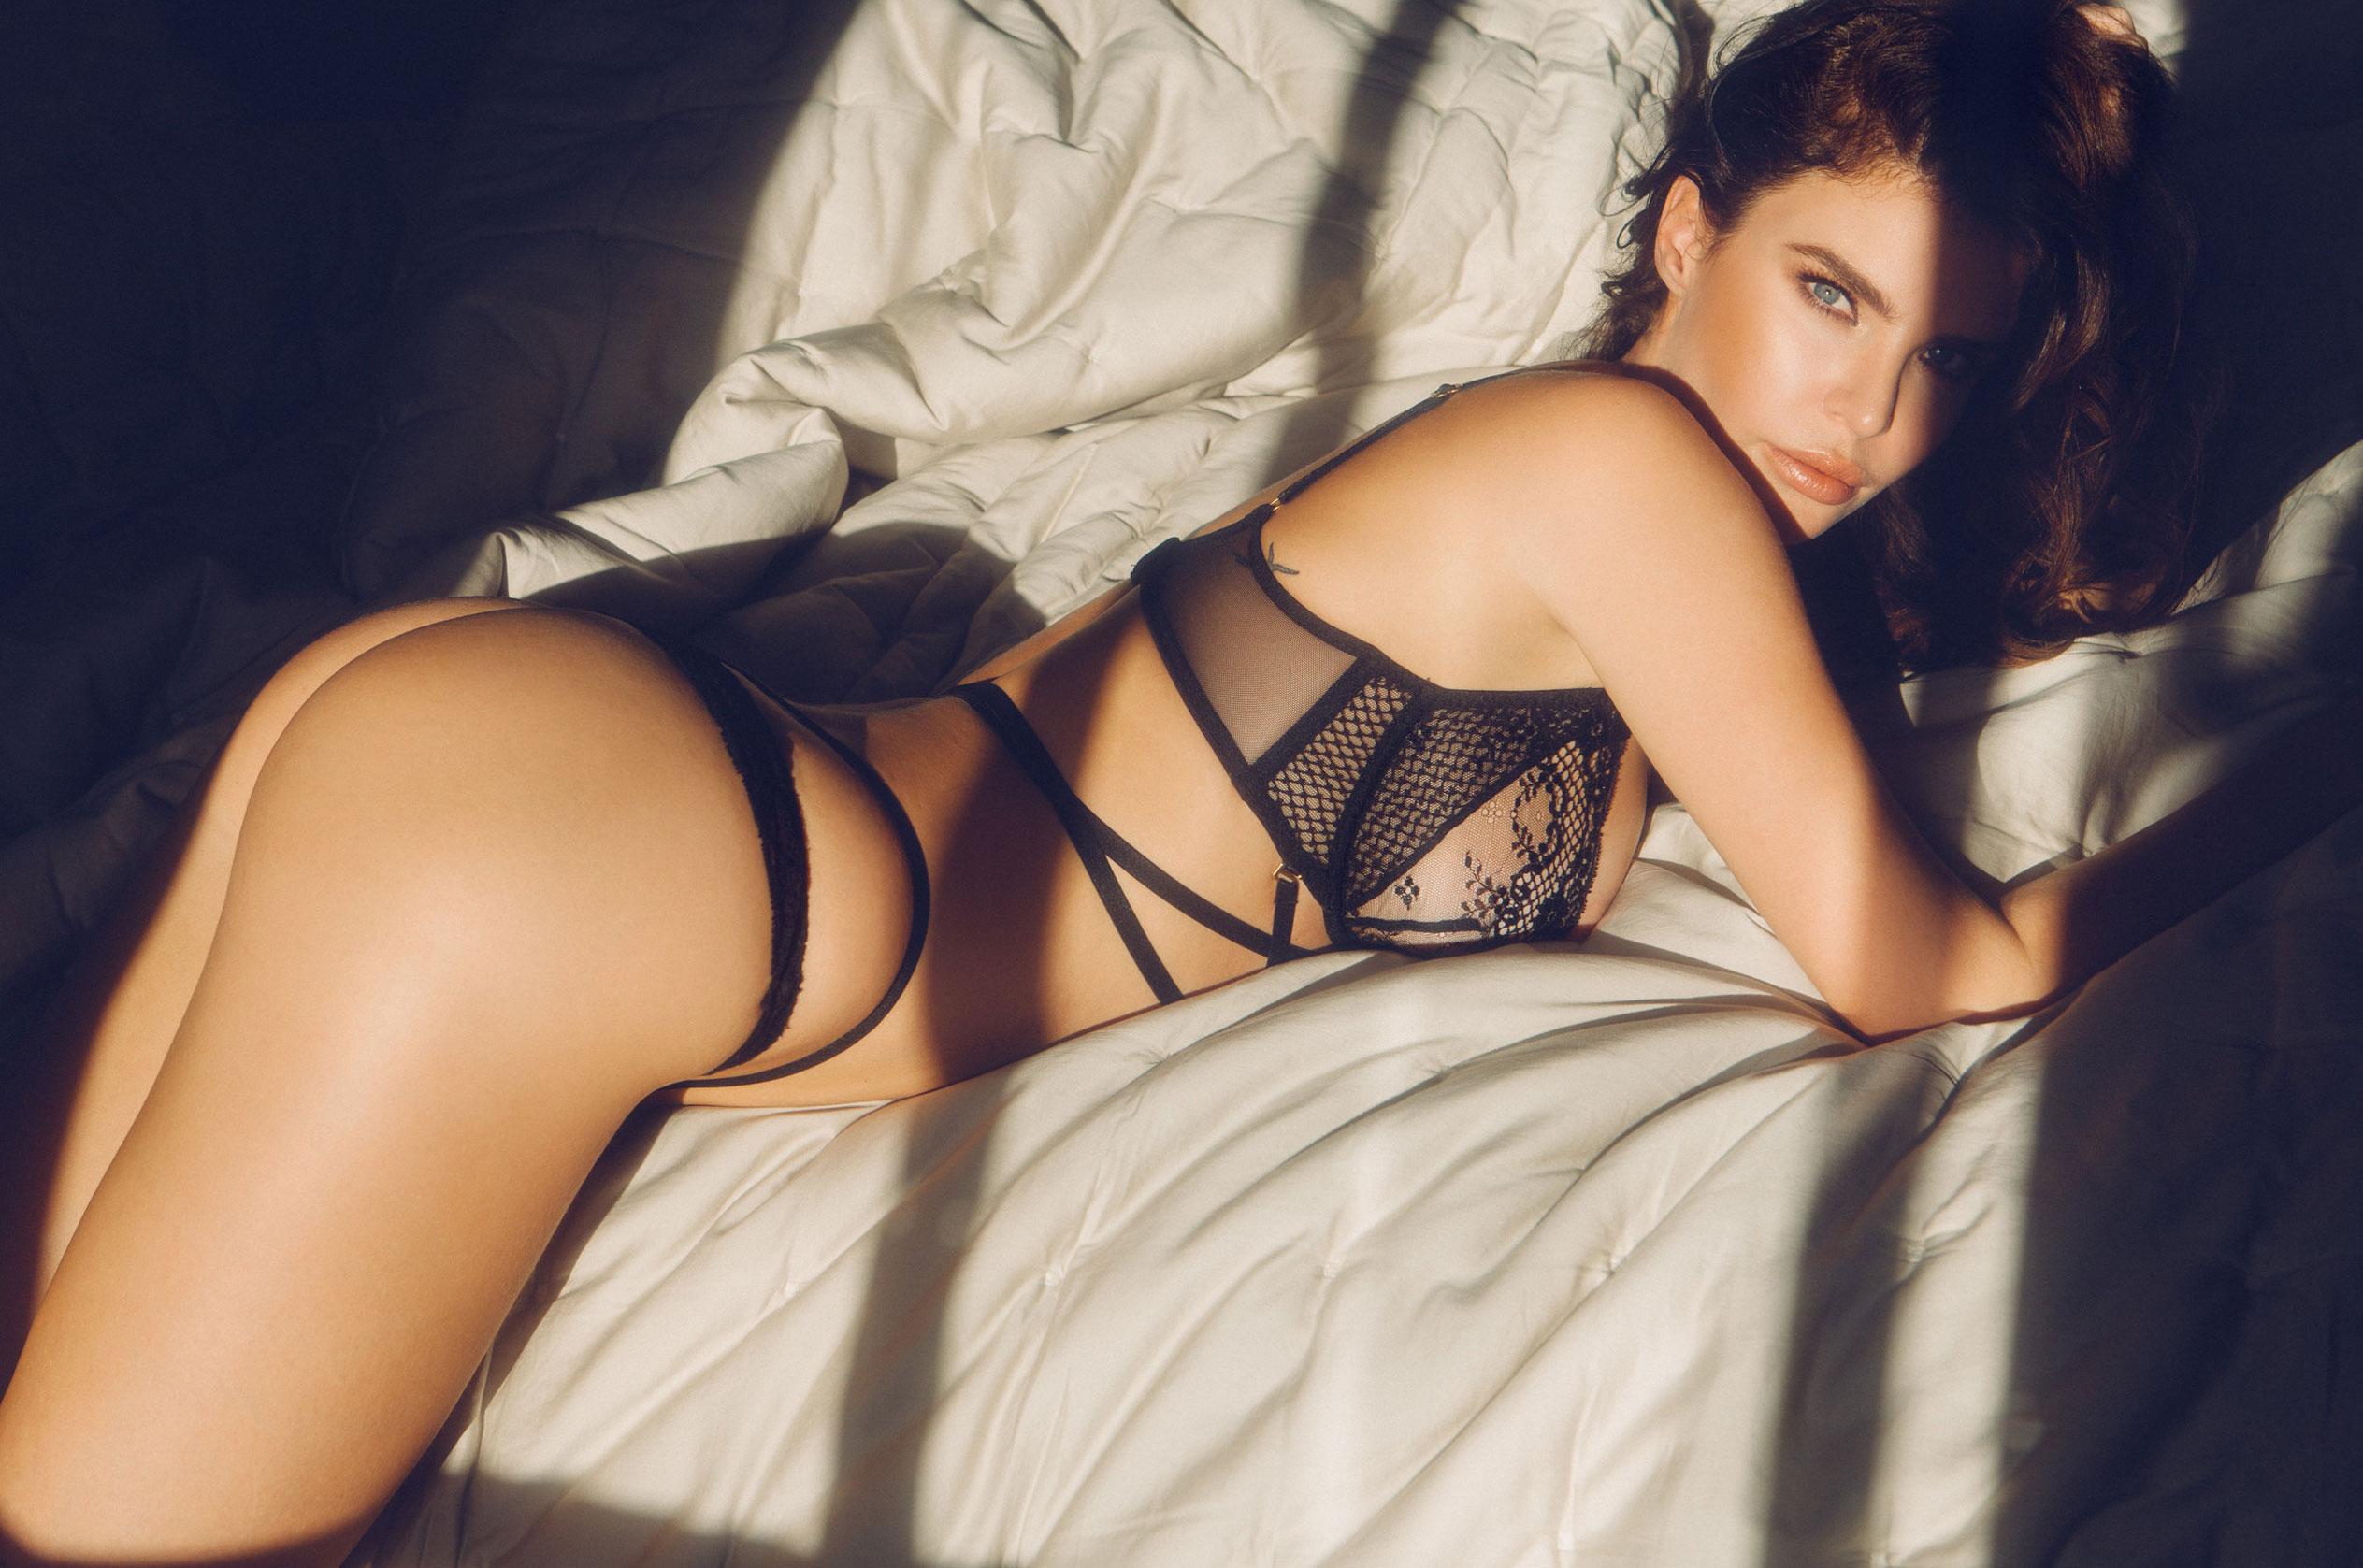 Юлия Лескова в люксовом французском нижнем белье / фото 13